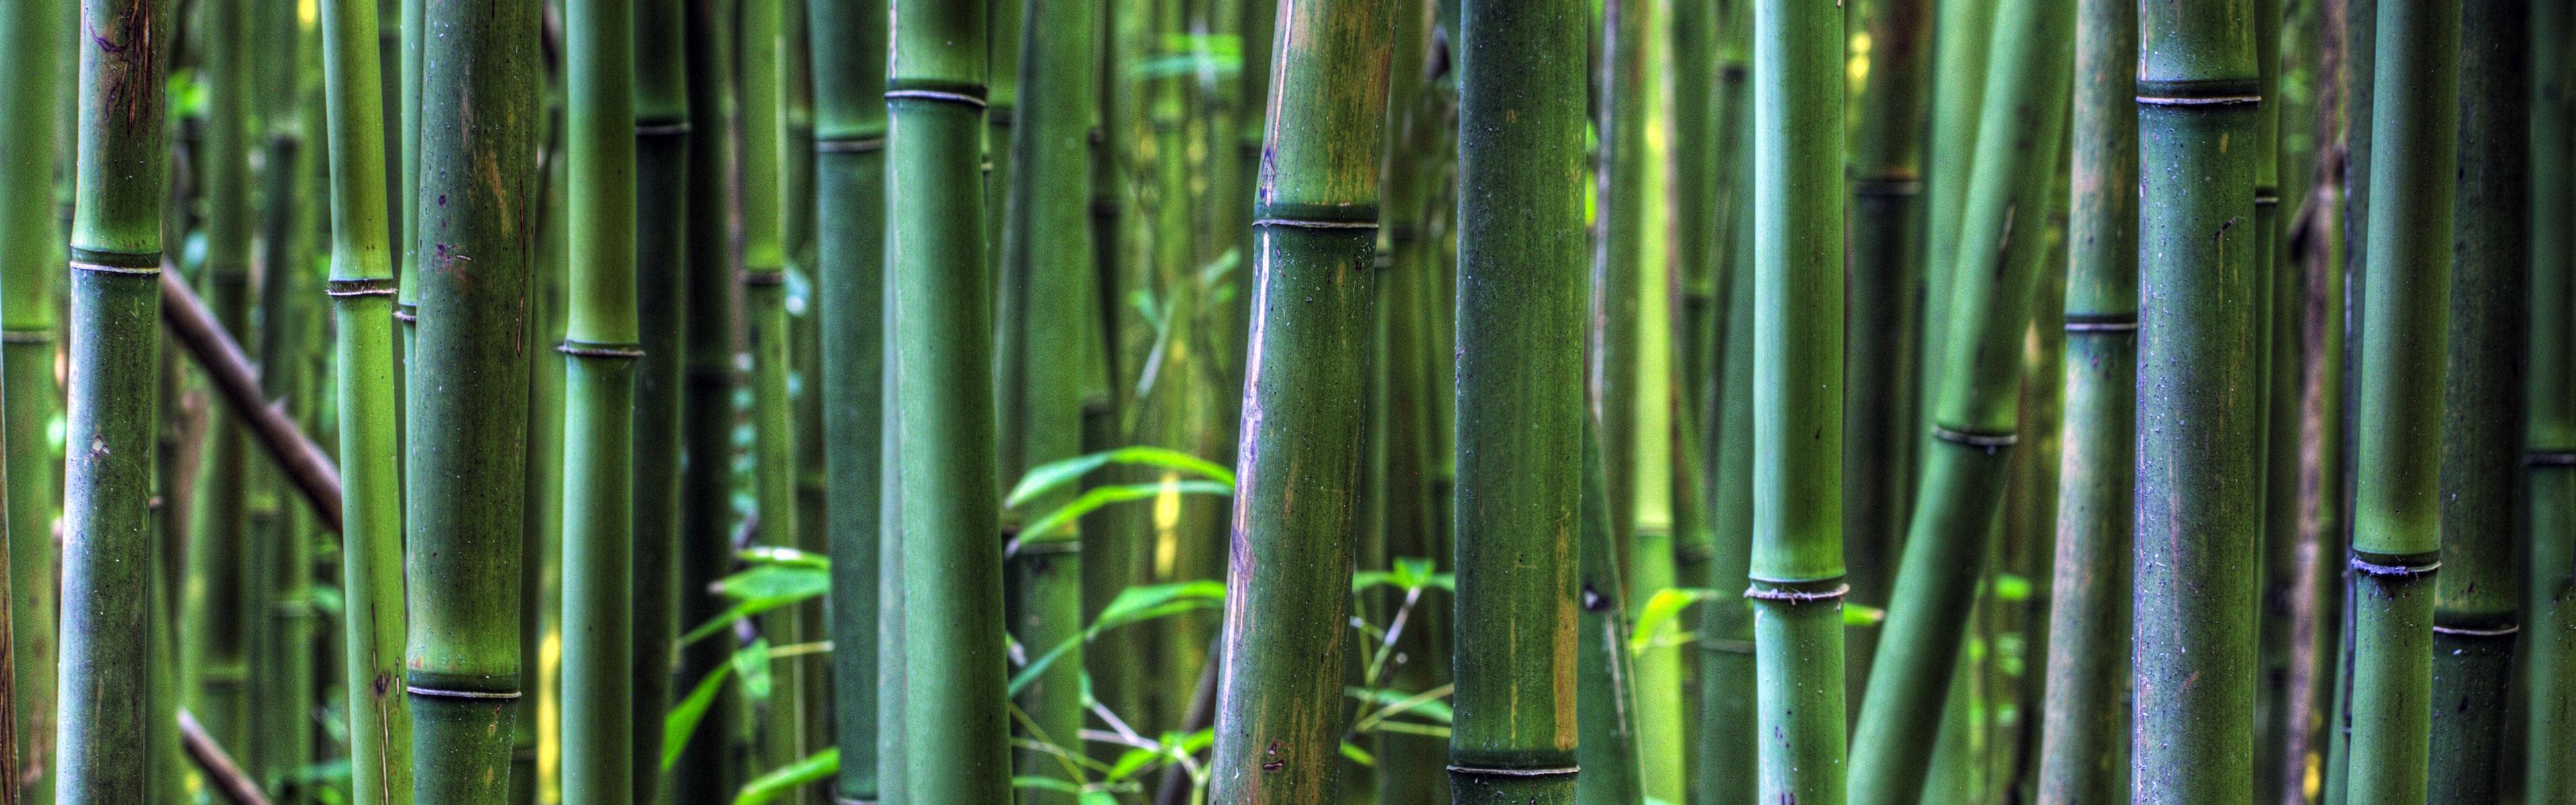 Bambuswald Maui Hawaii Usa 3840x1200 Multi Monitor Panorama